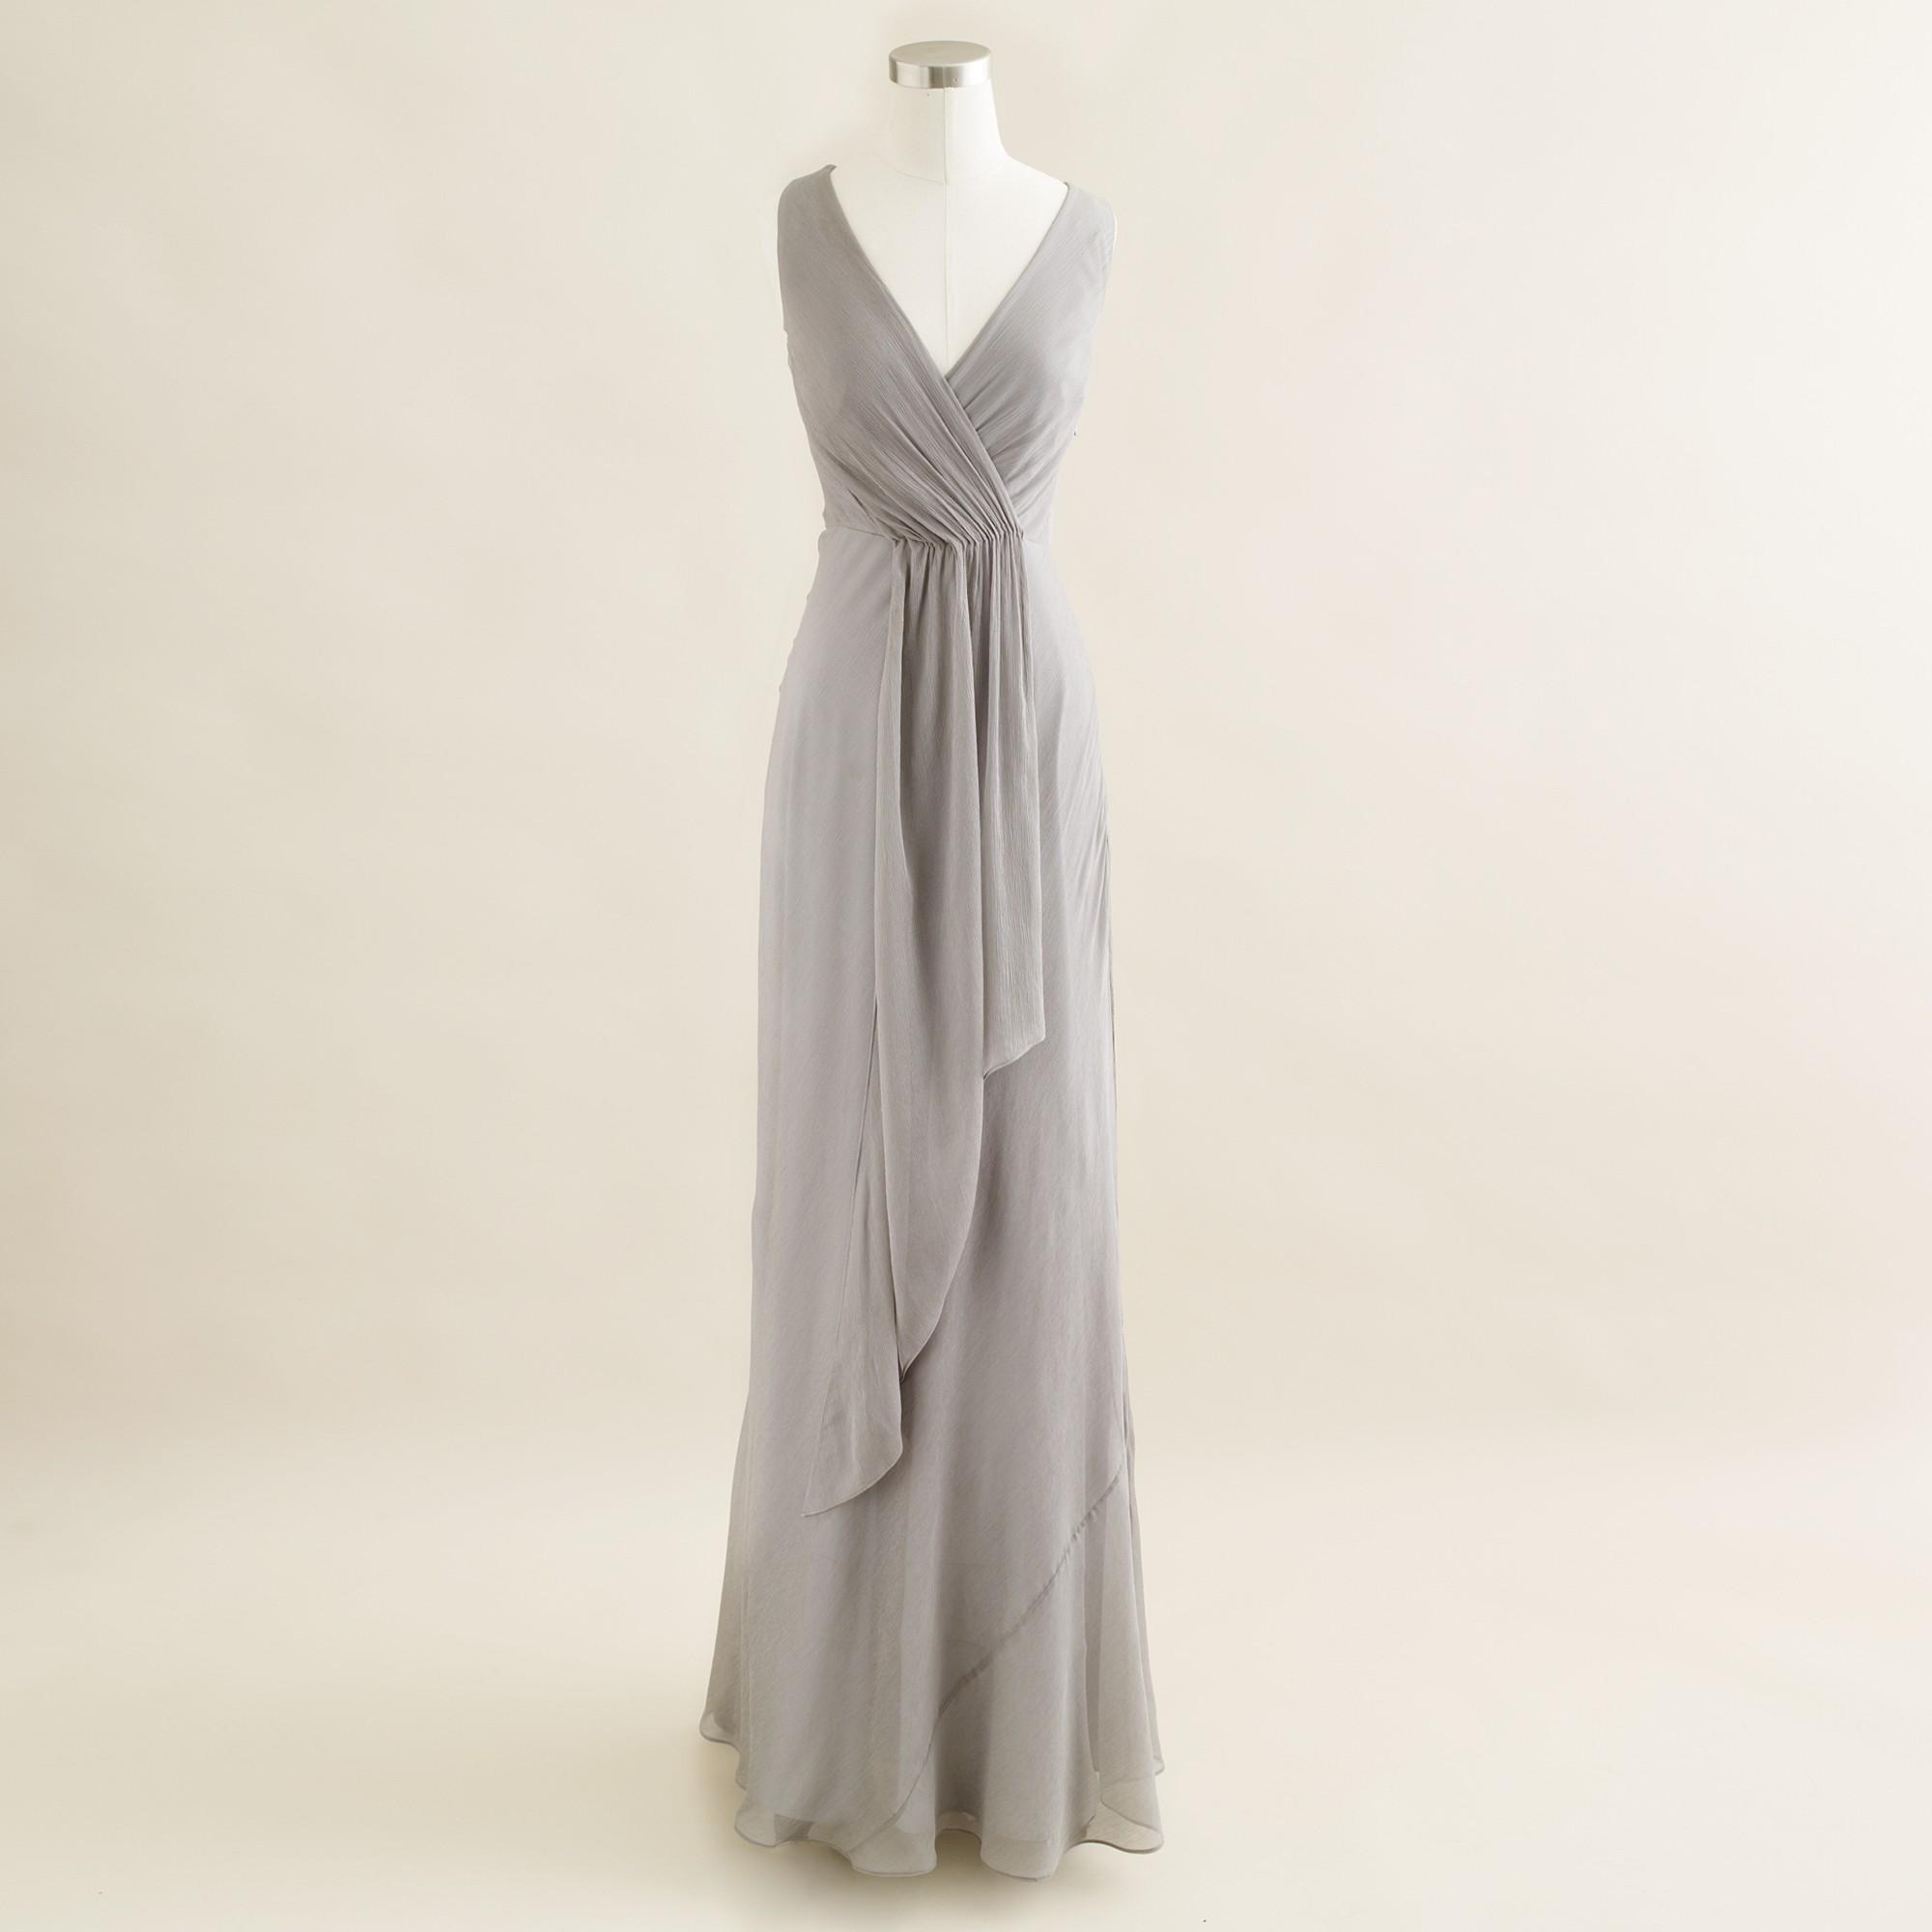 8afaa1fe137 Lyst - J.Crew Evie Long Dress in Silk Chiffon in Gray